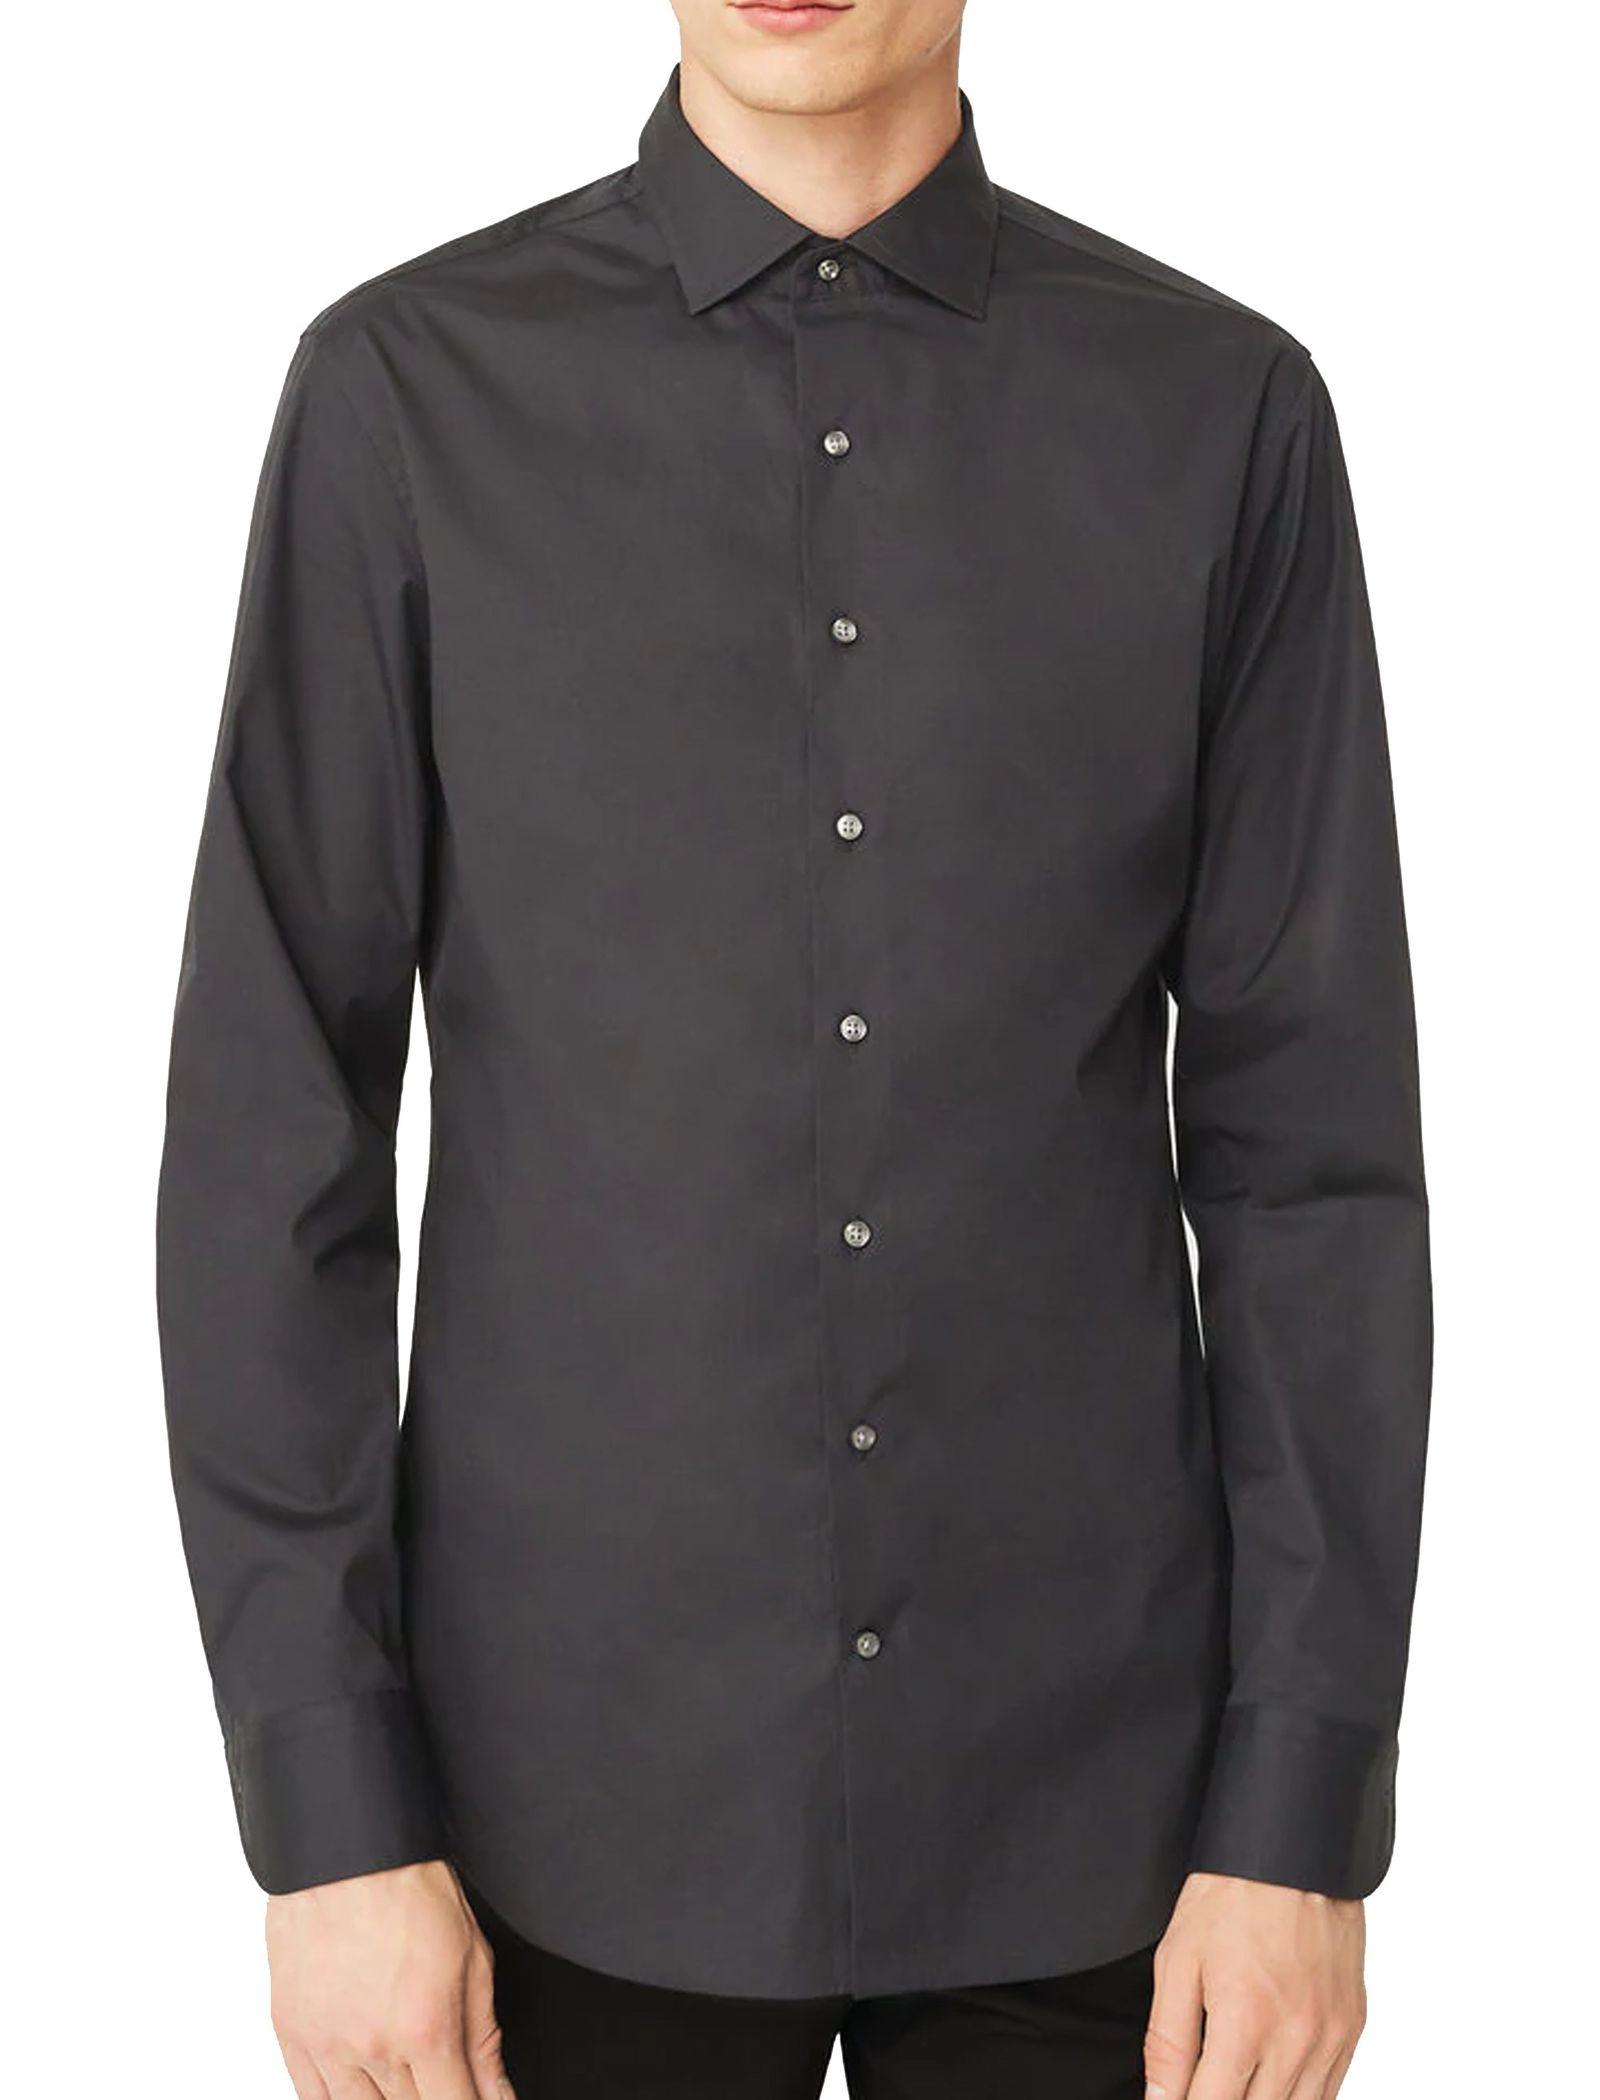 پیراهن نخی آستین بلند مردانه - مانگو - مشکي - 1